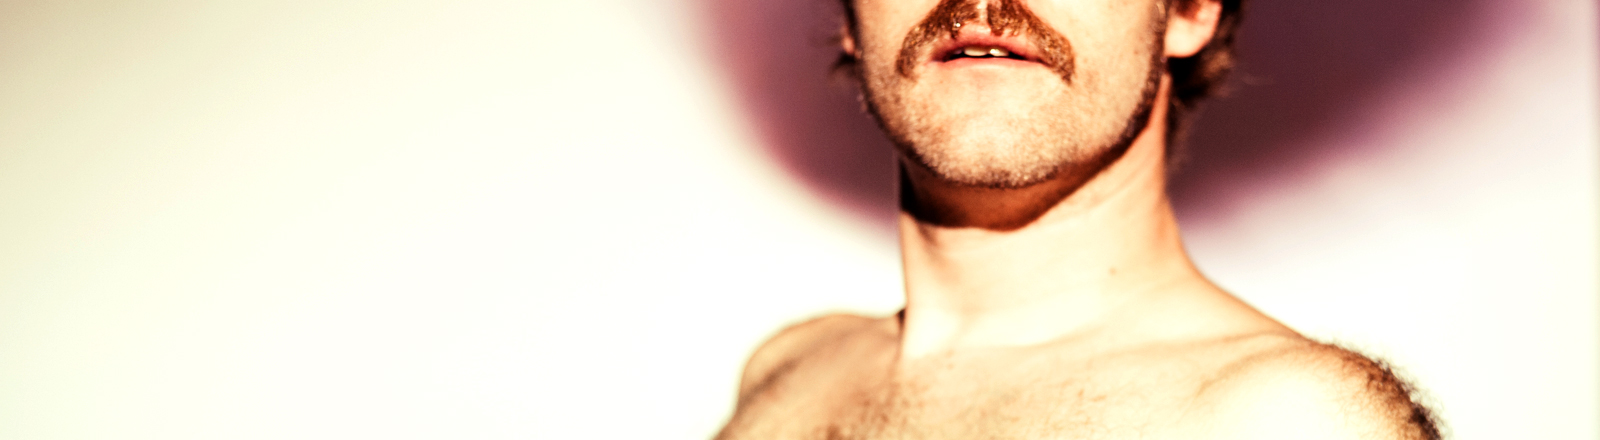 Ein behaarter Mann mit Schnauzbart trägt ein enges Oberteil. Man sieht seine Brust.